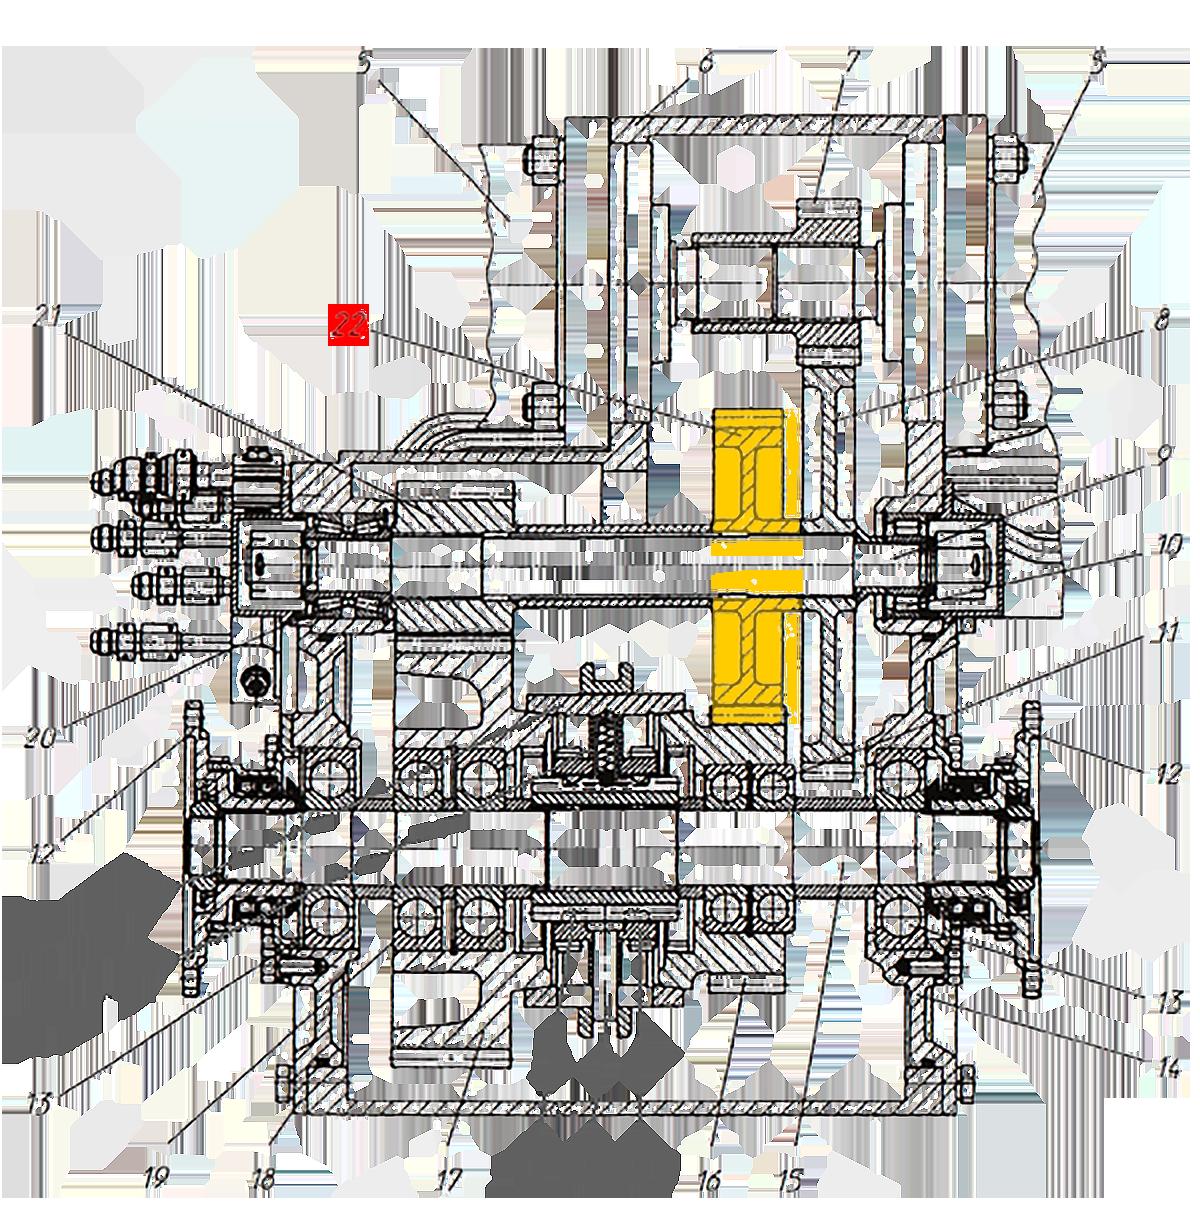 Шестерня Э20.01.02.084 коробки передач ЭО-33211